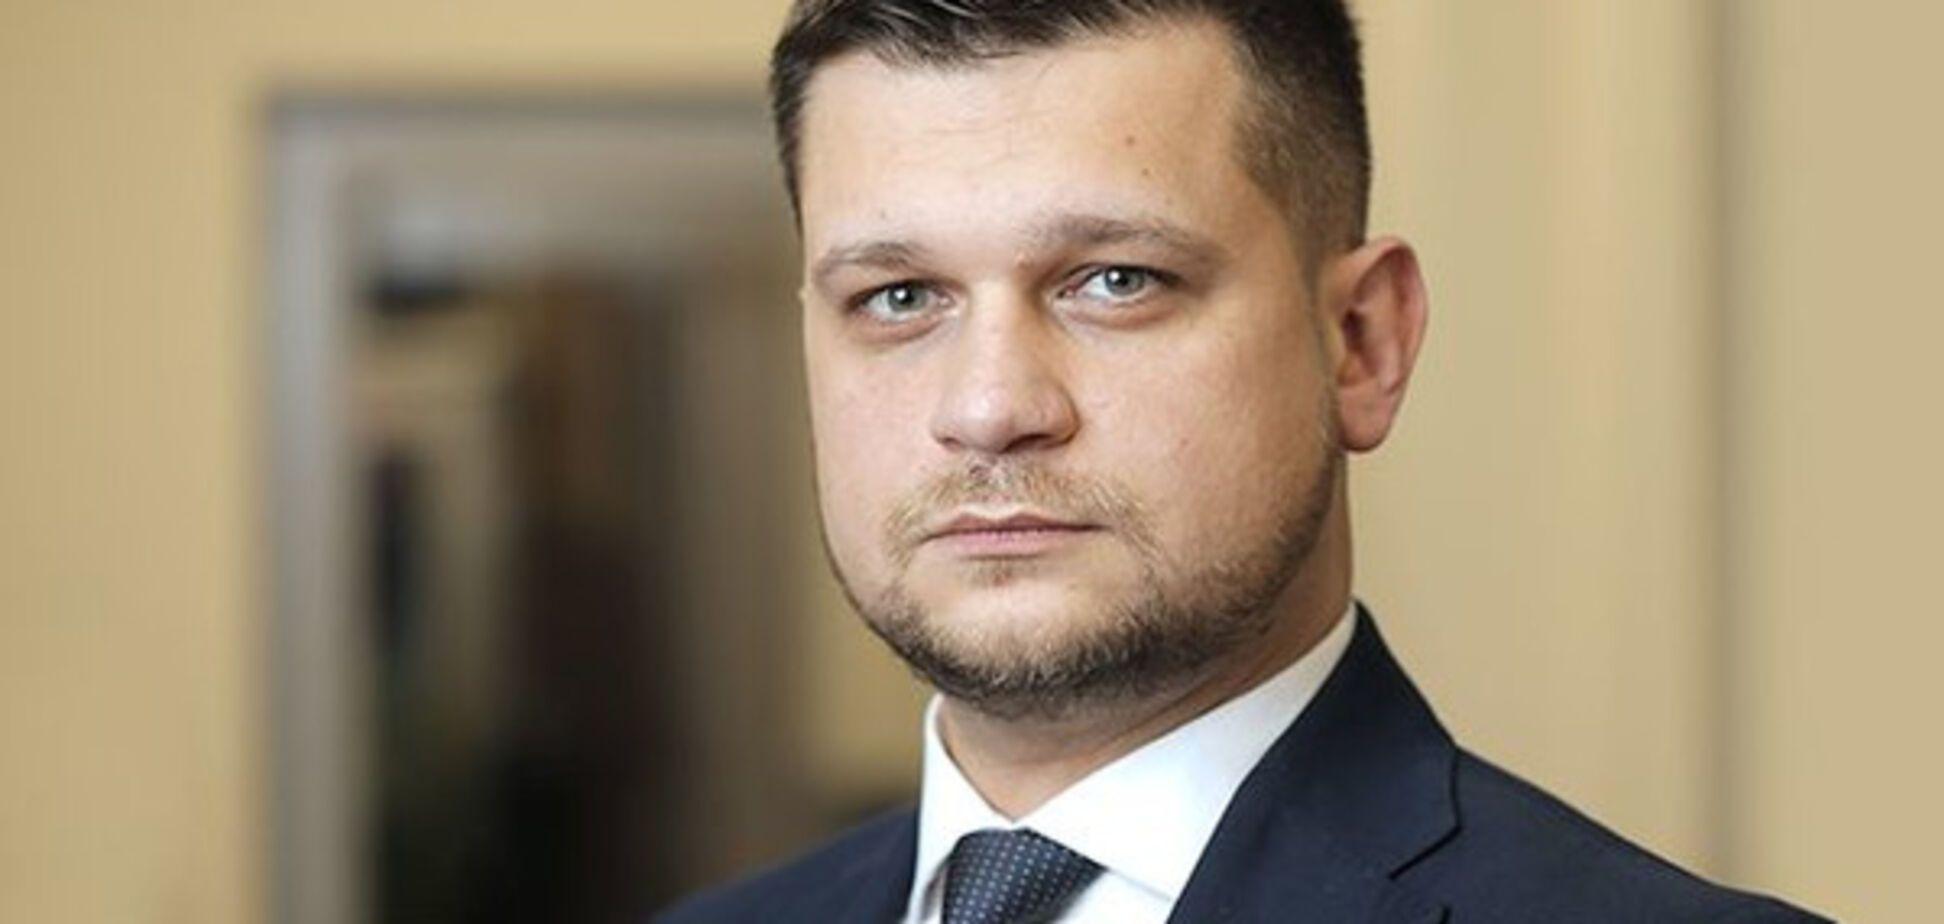 Адвокат: выбрать неугодную фигуру в виде Насирова – политическое решение